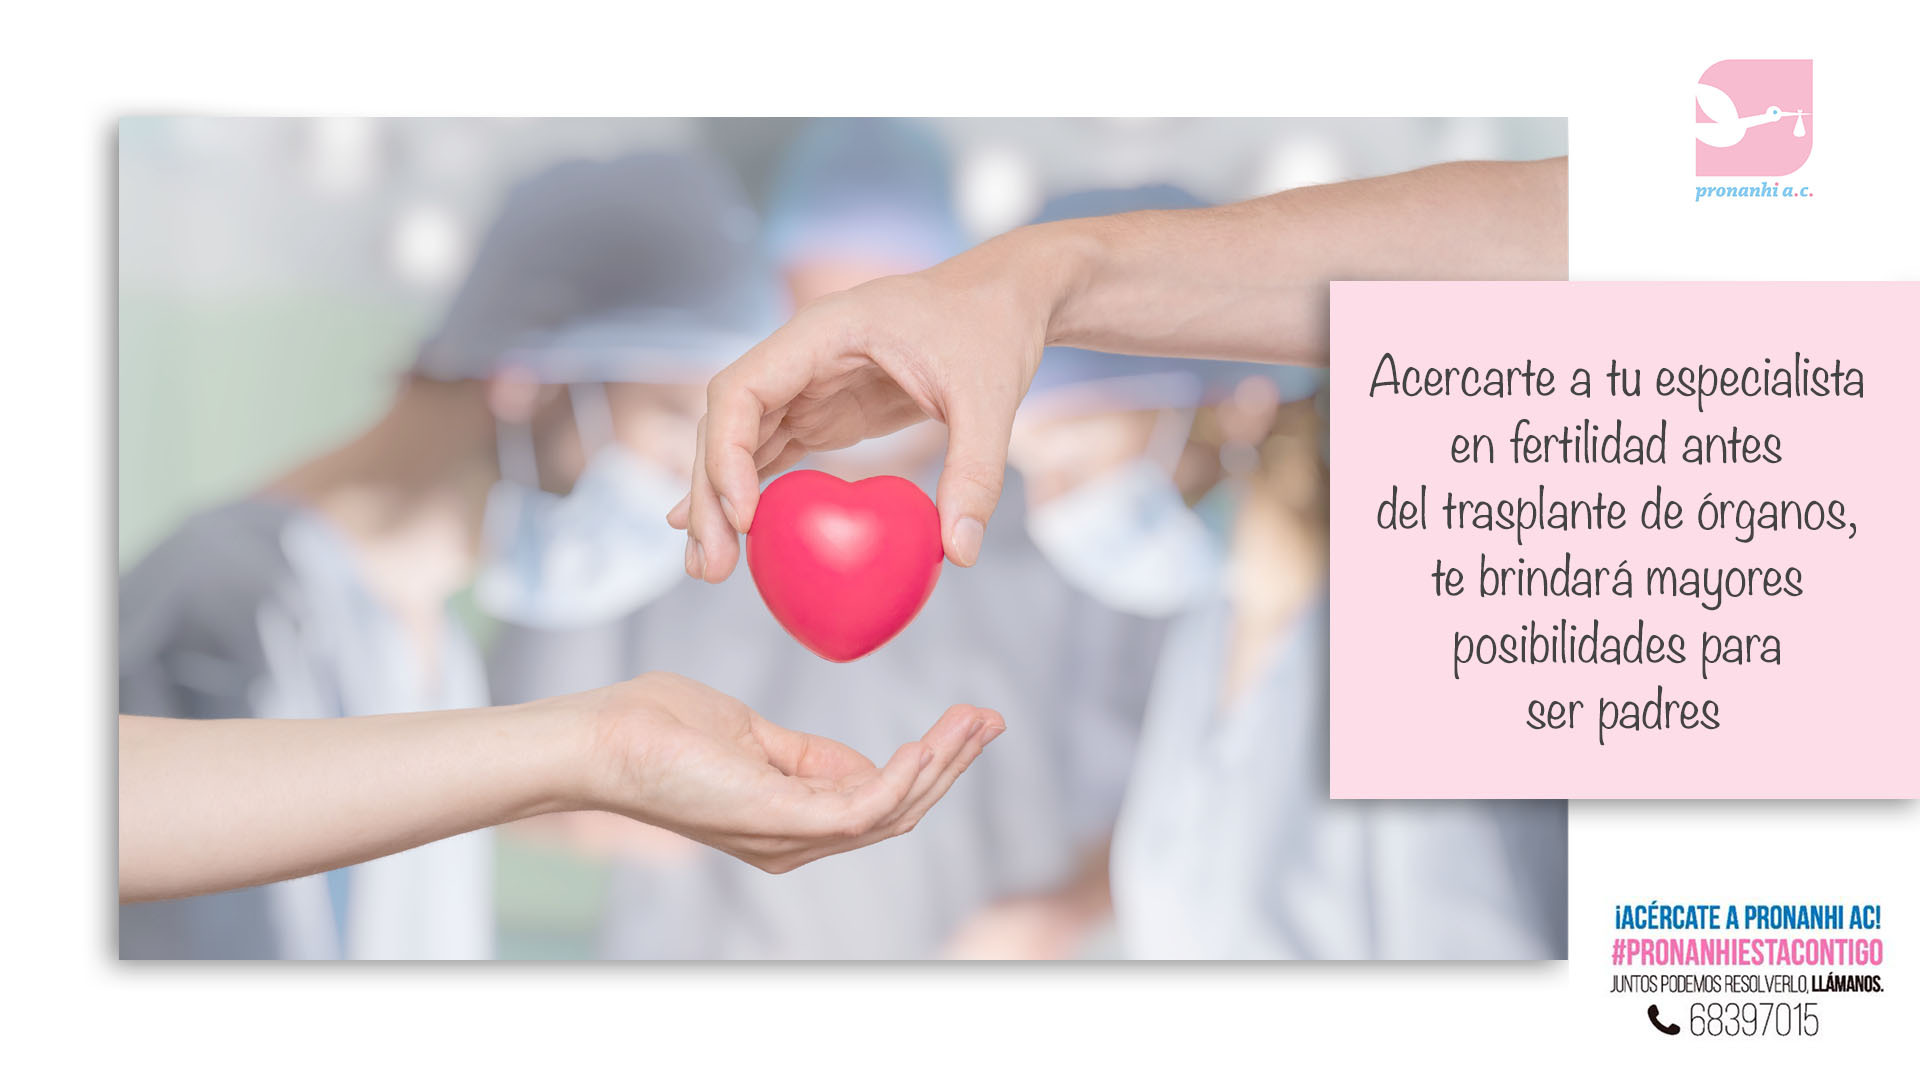 se_puede_ser_mama_despues_de_trasplante de organos_mom_to_be_fertilidad_infertilidad